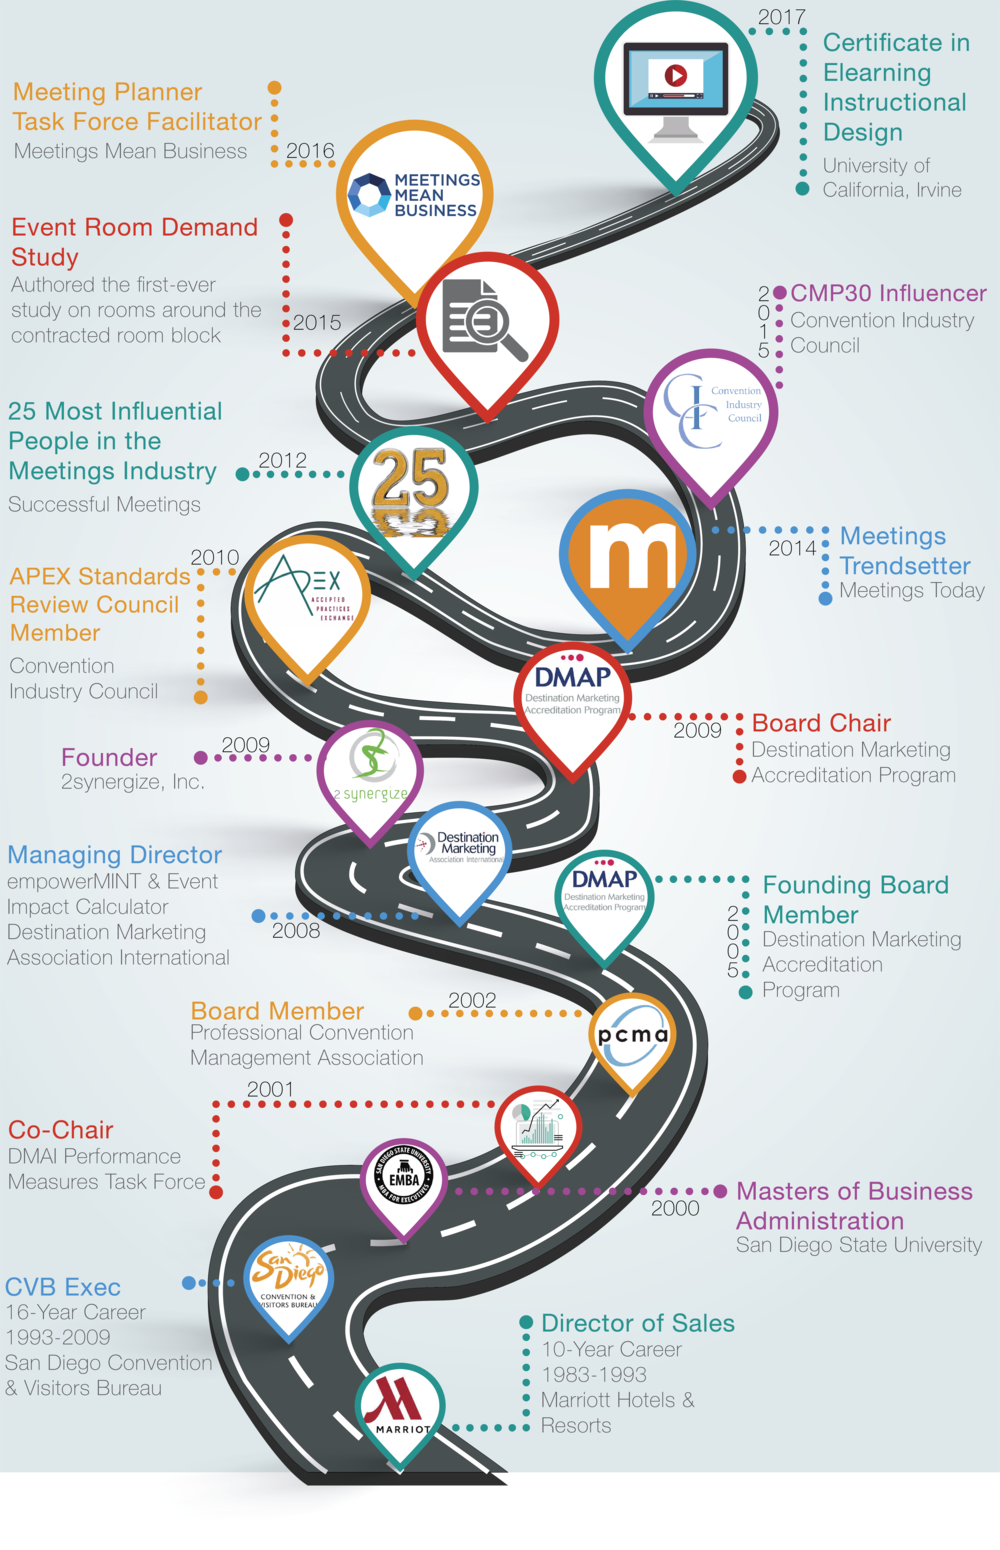 Shimo_infographic01.png